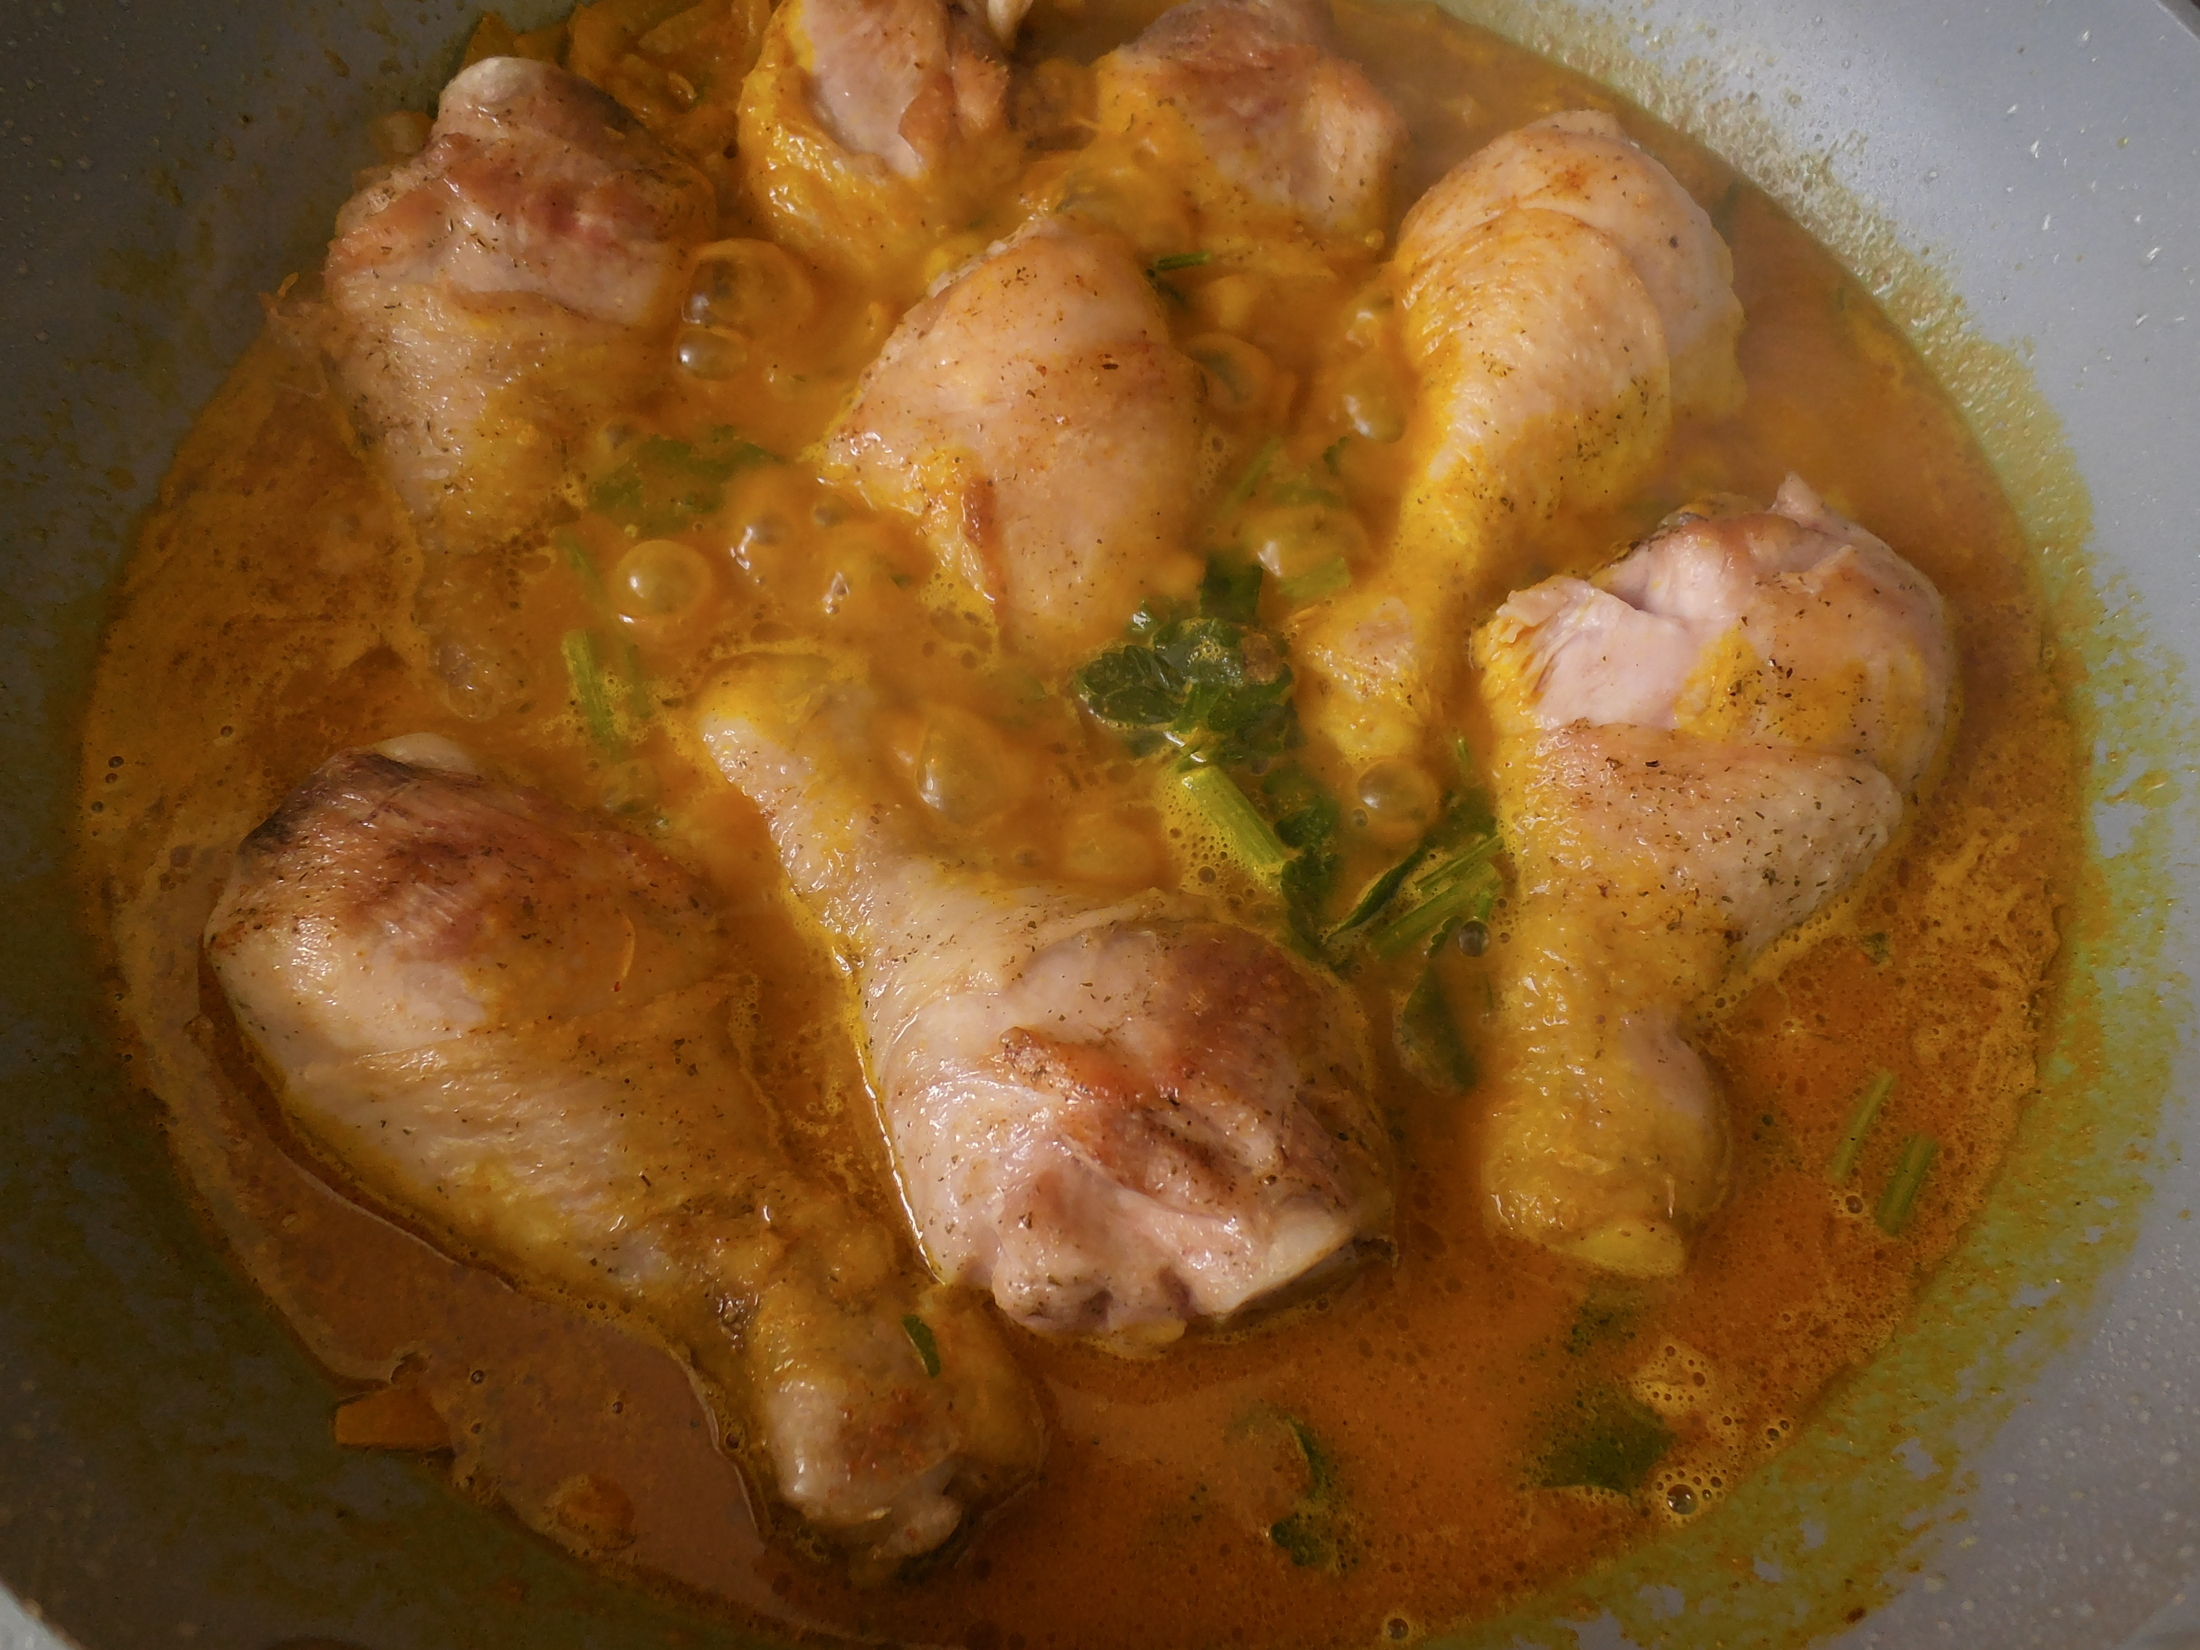 Recept Indické karí s kuřecími paličkami - přidali jsme vodu/vývar a paličky